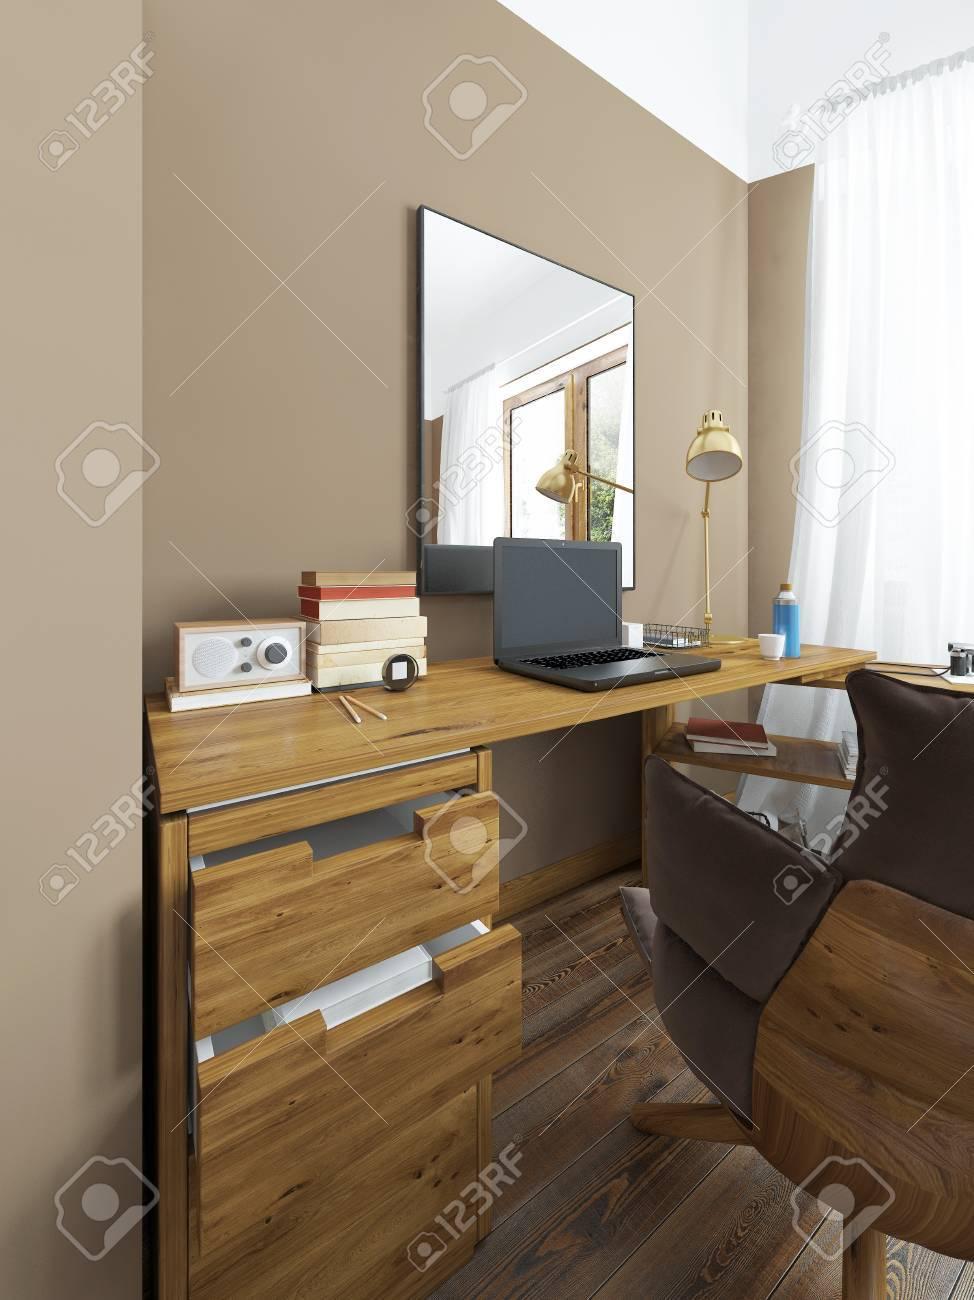 Full Size of Schlafzimmer Massivholz Schreibtisch In Einem Regal Vorhänge Set Mit Boxspringbett Komplett Weiß Guenstig Sitzbank Nolte Eckschrank Stuhl Für Luxus Schlafzimmer Schlafzimmer Massivholz